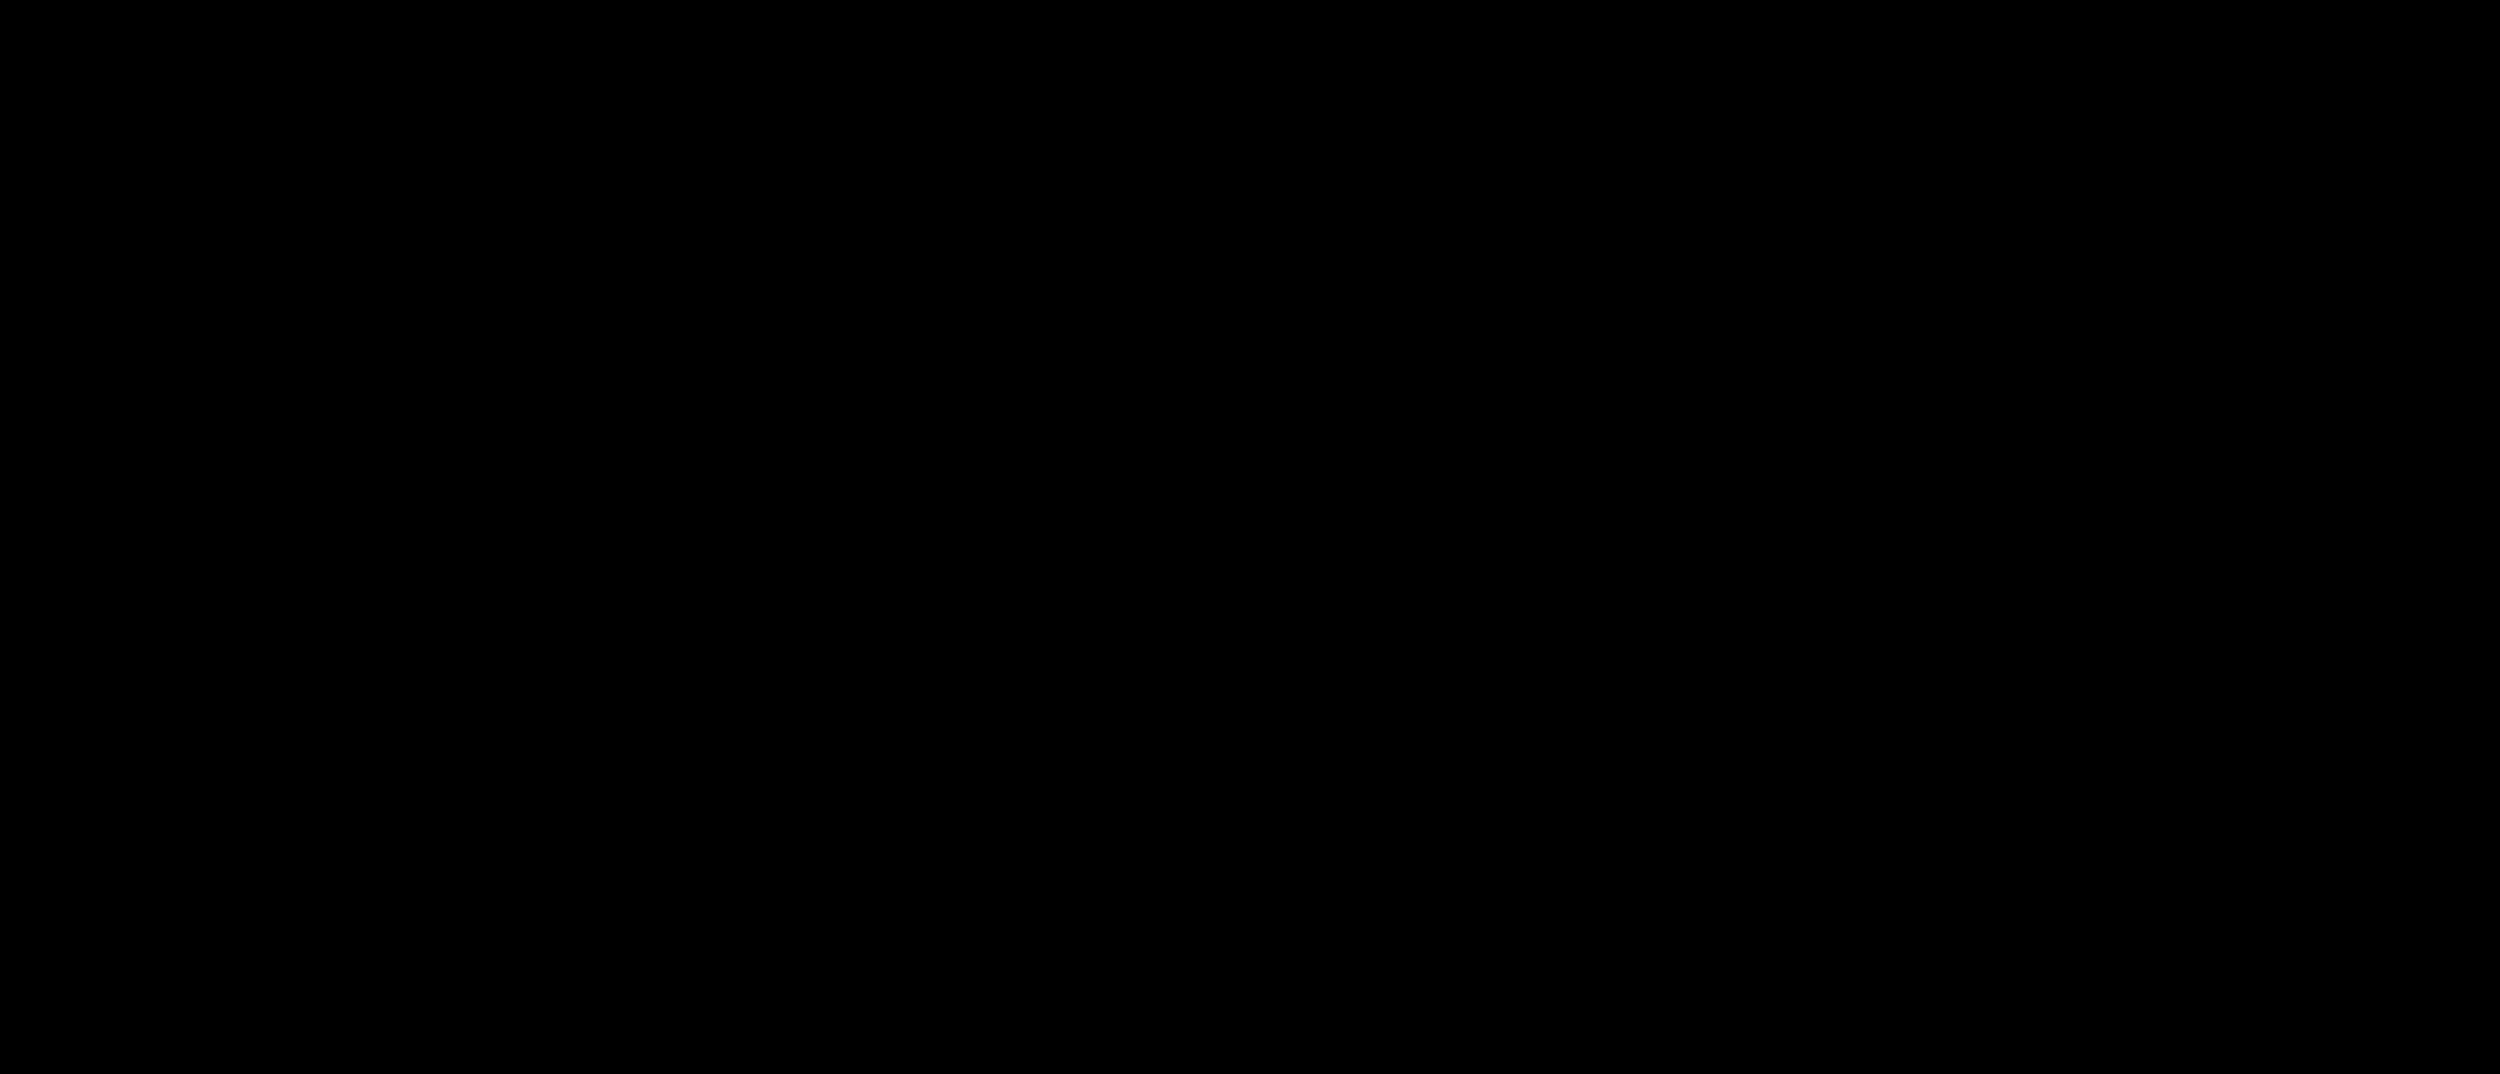 VirtuousPie-wordmark-01.png